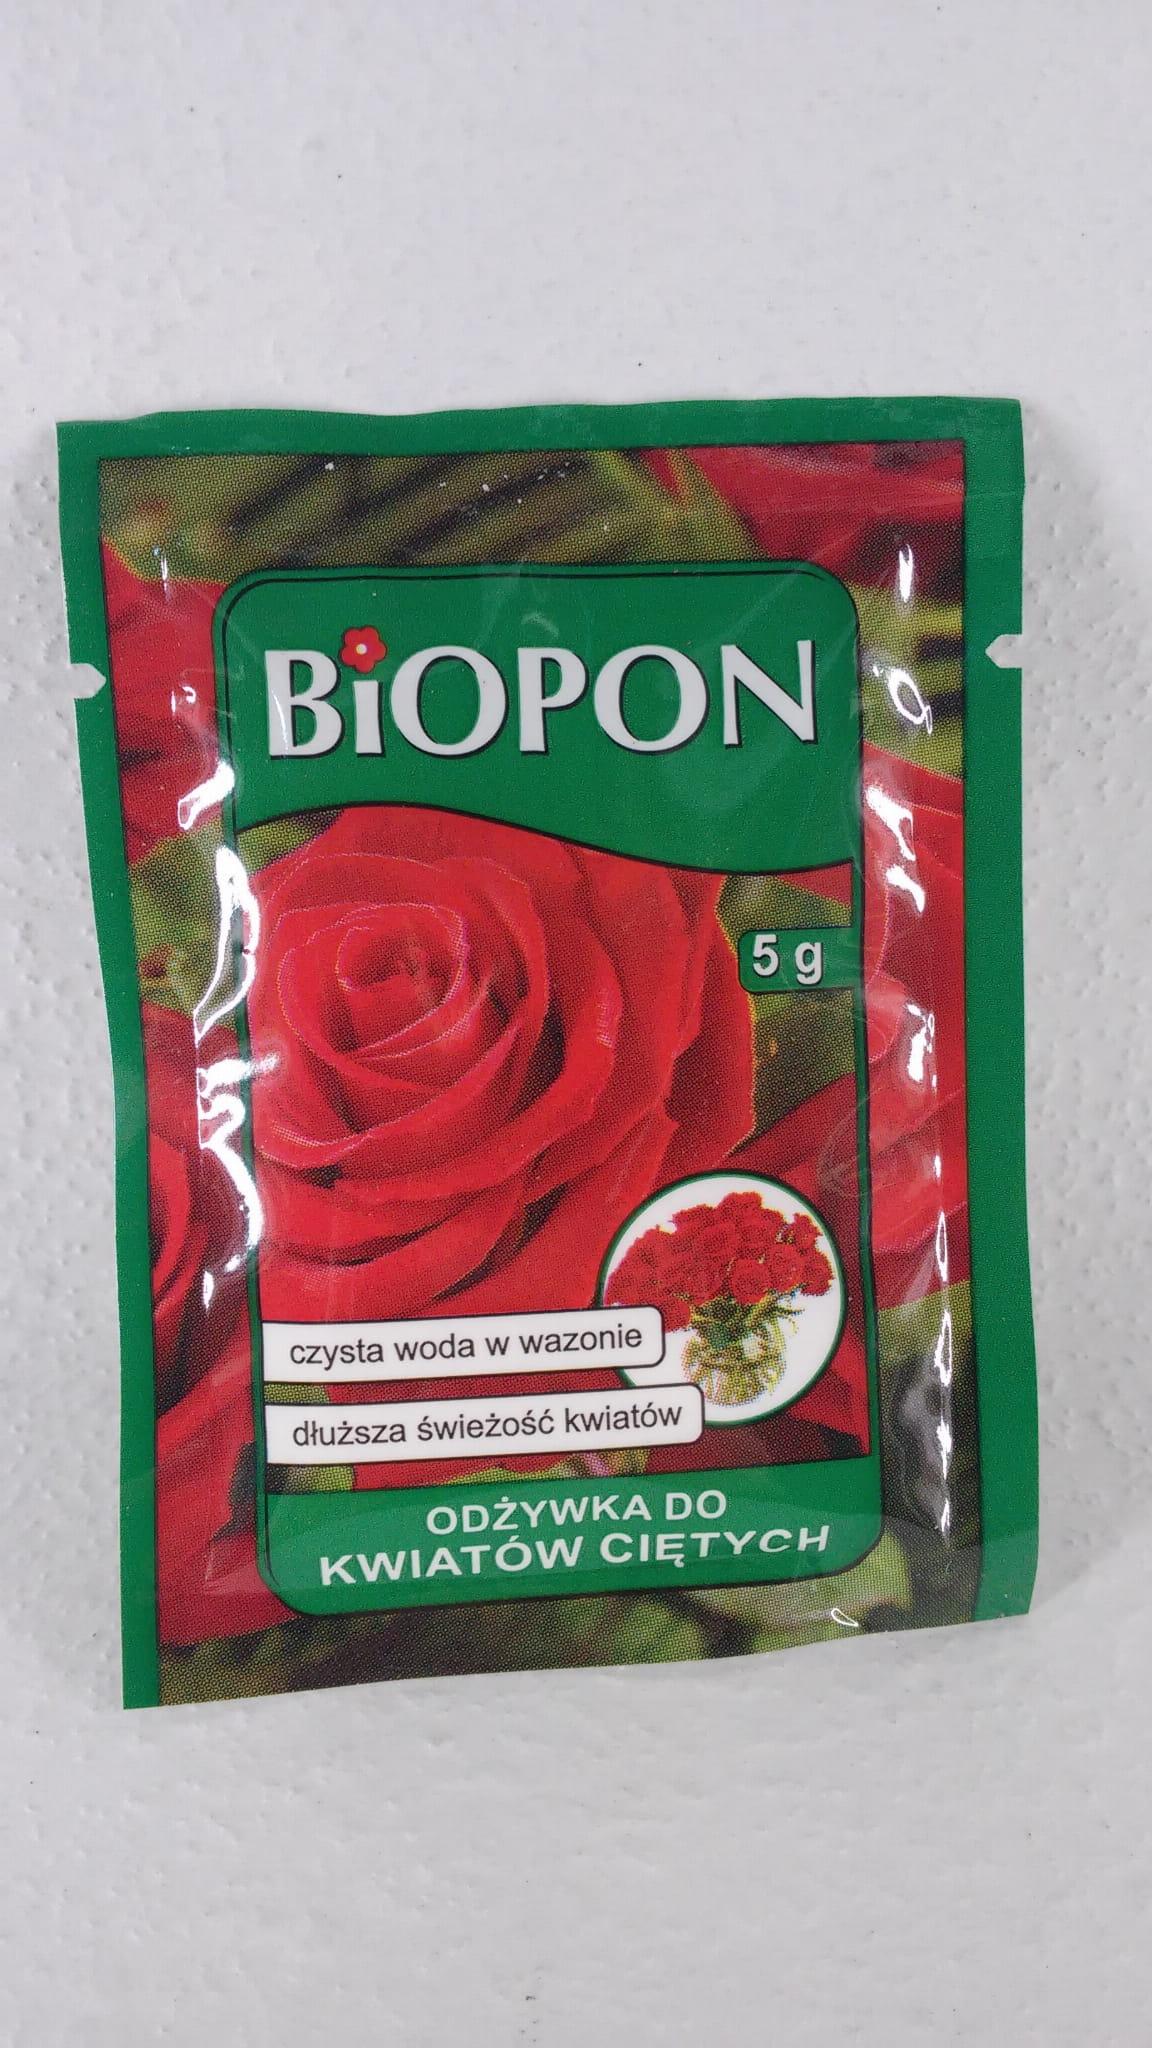 e59d99d1ba7b3b BIOPON odżywka do kwiatów ciętych 5g w proszku krokusy.pl